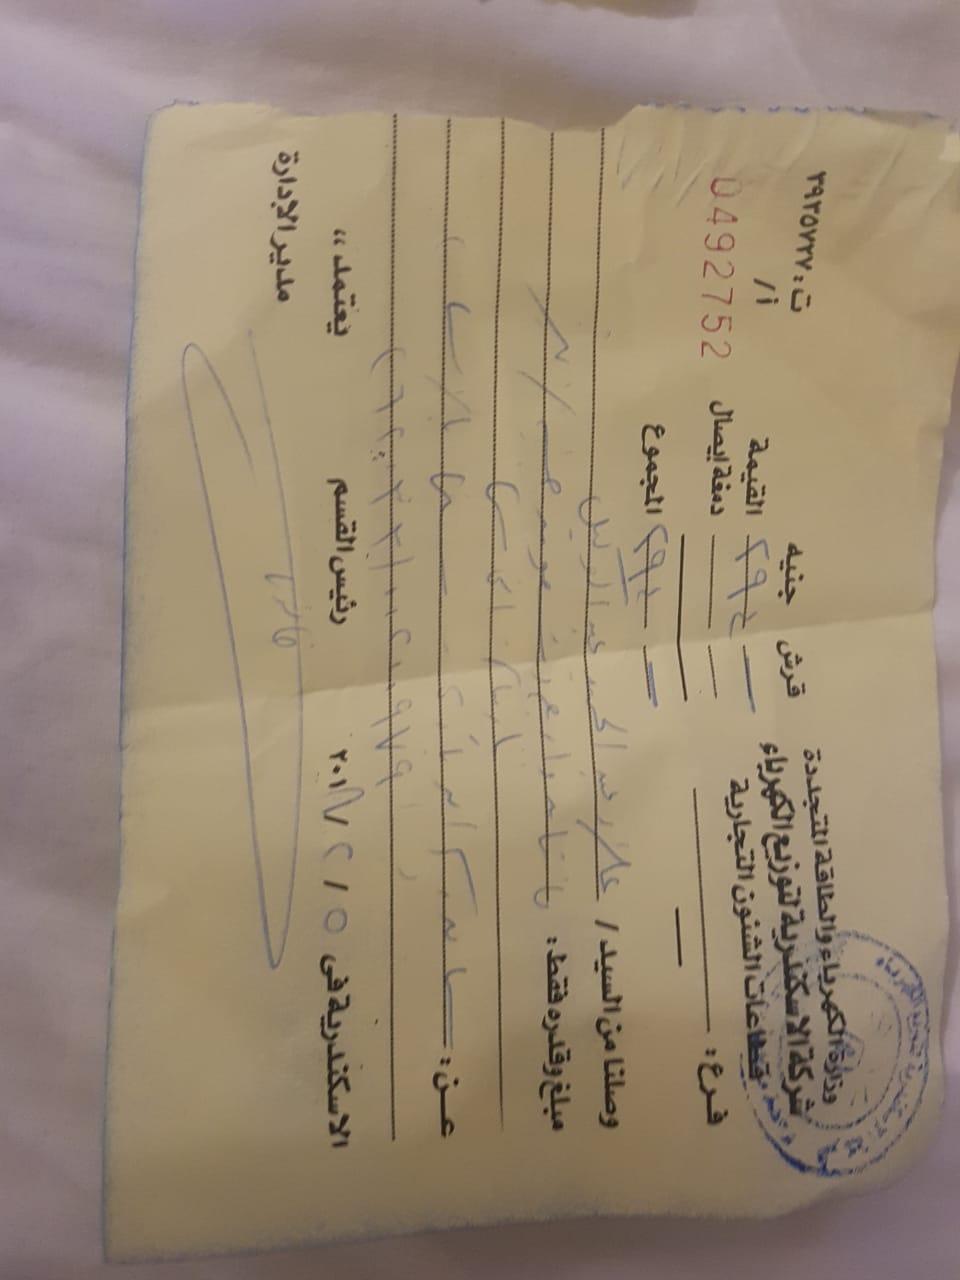 أزمة مشروع سيتي بالاس بالإسكندرية (11)